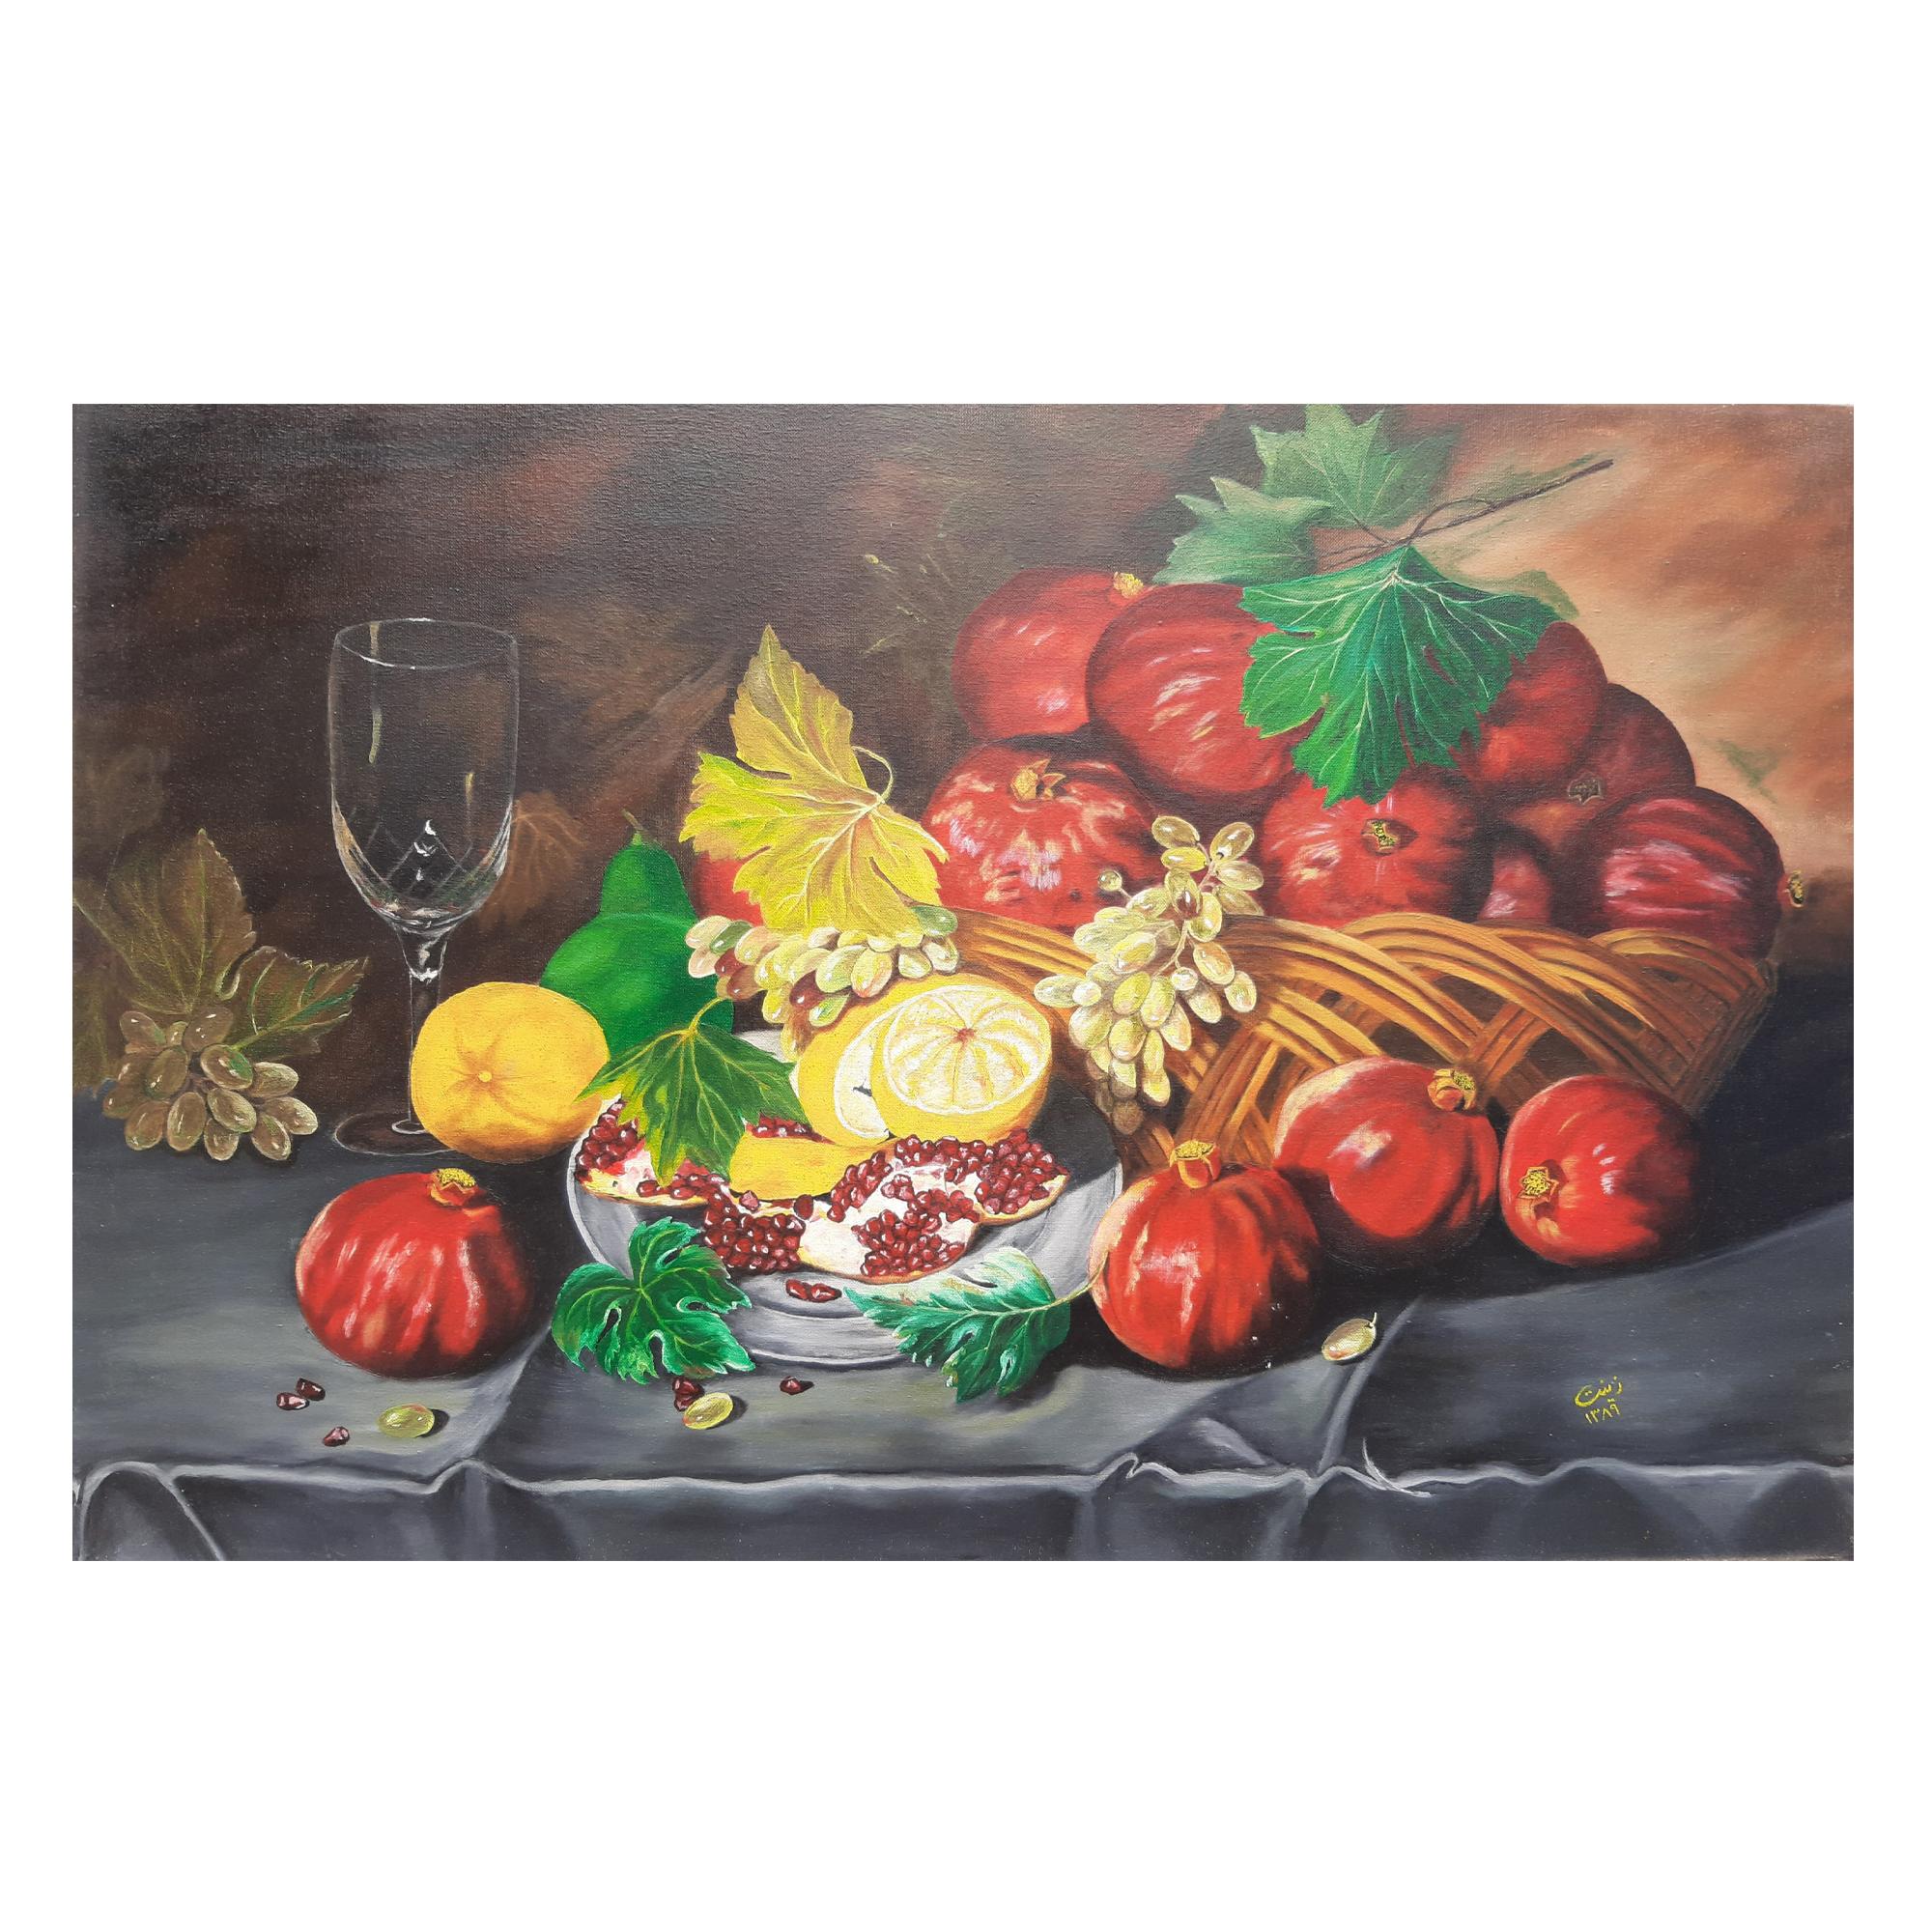 خرید                      تابلو نقاشی رنگ روغن مدل سبد میوه